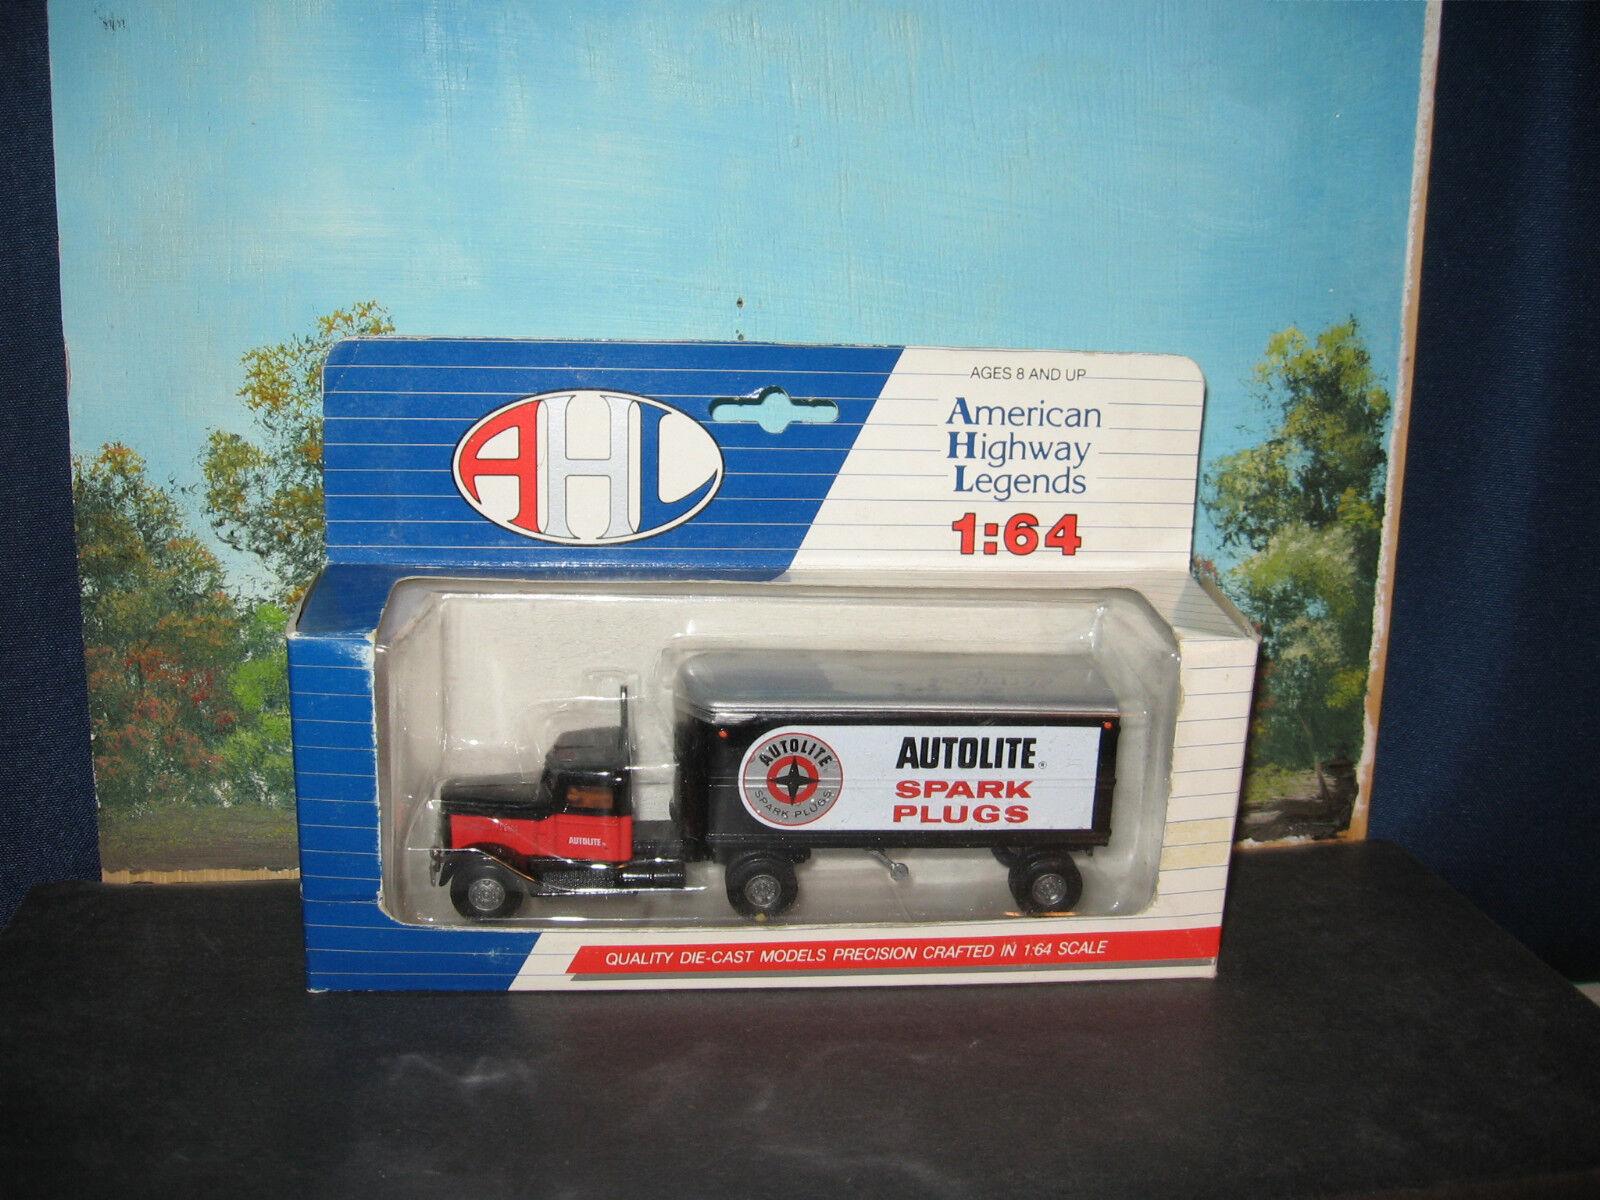 tienda hace compras y ventas American Highway Leyendas 1 64 Autolite bujías bujías bujías Trk & trlr  Todos los productos obtienen hasta un 34% de descuento.